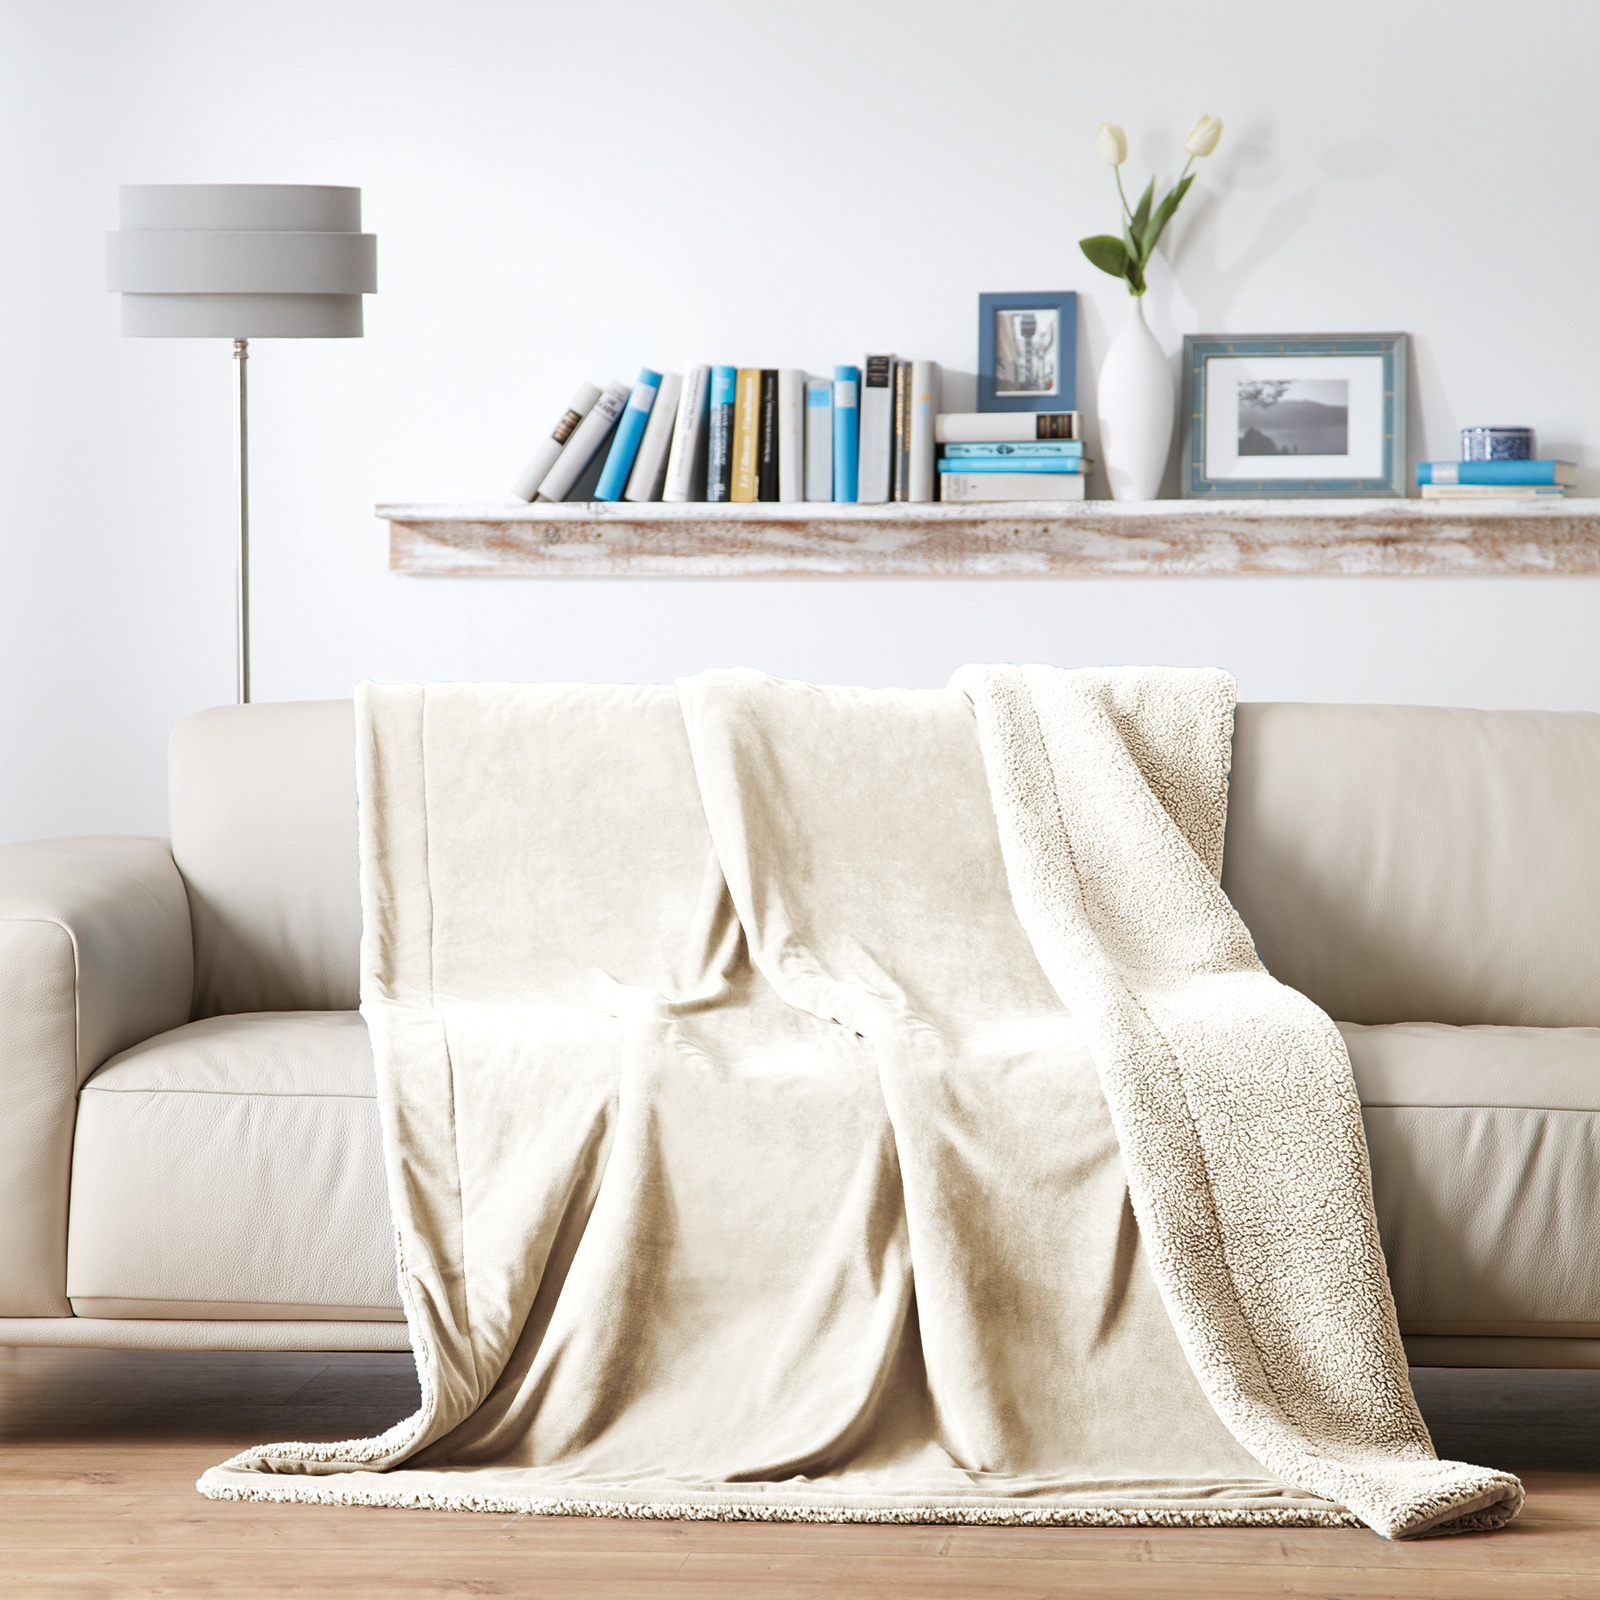 Wohndecken und Kissen - Gözze Luxus Wohndecke Samt Velours, Rückseite mit kuscheliger Schaffell Optik 150x200 wollweiß  - Onlineshop PremiumShop321